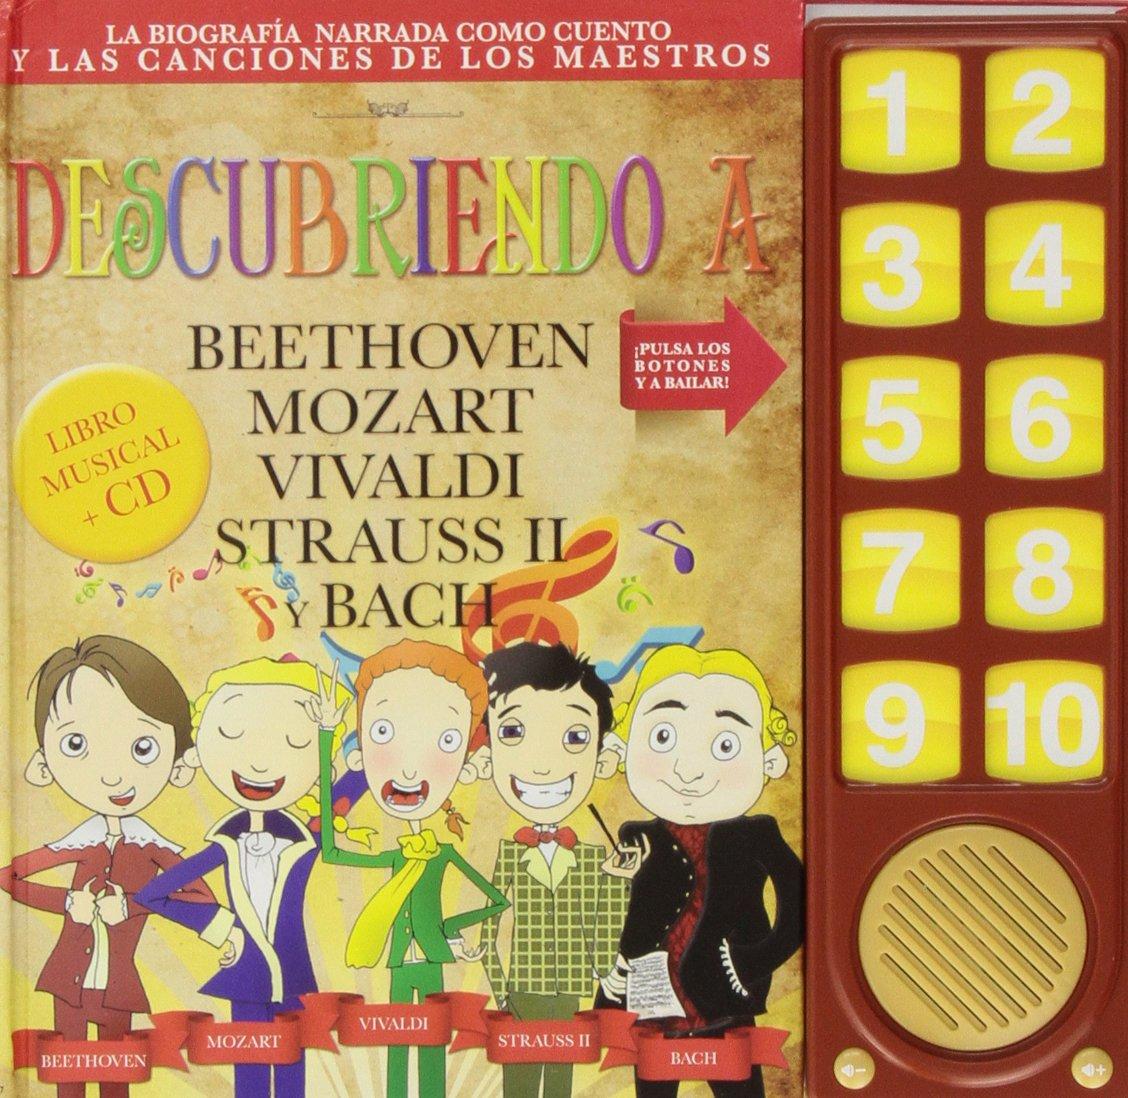 Descubriendo la Musica Clasica: Amazon.es: Beethoven, Mozart, Vivaldi, Strauss, Bach: Libros